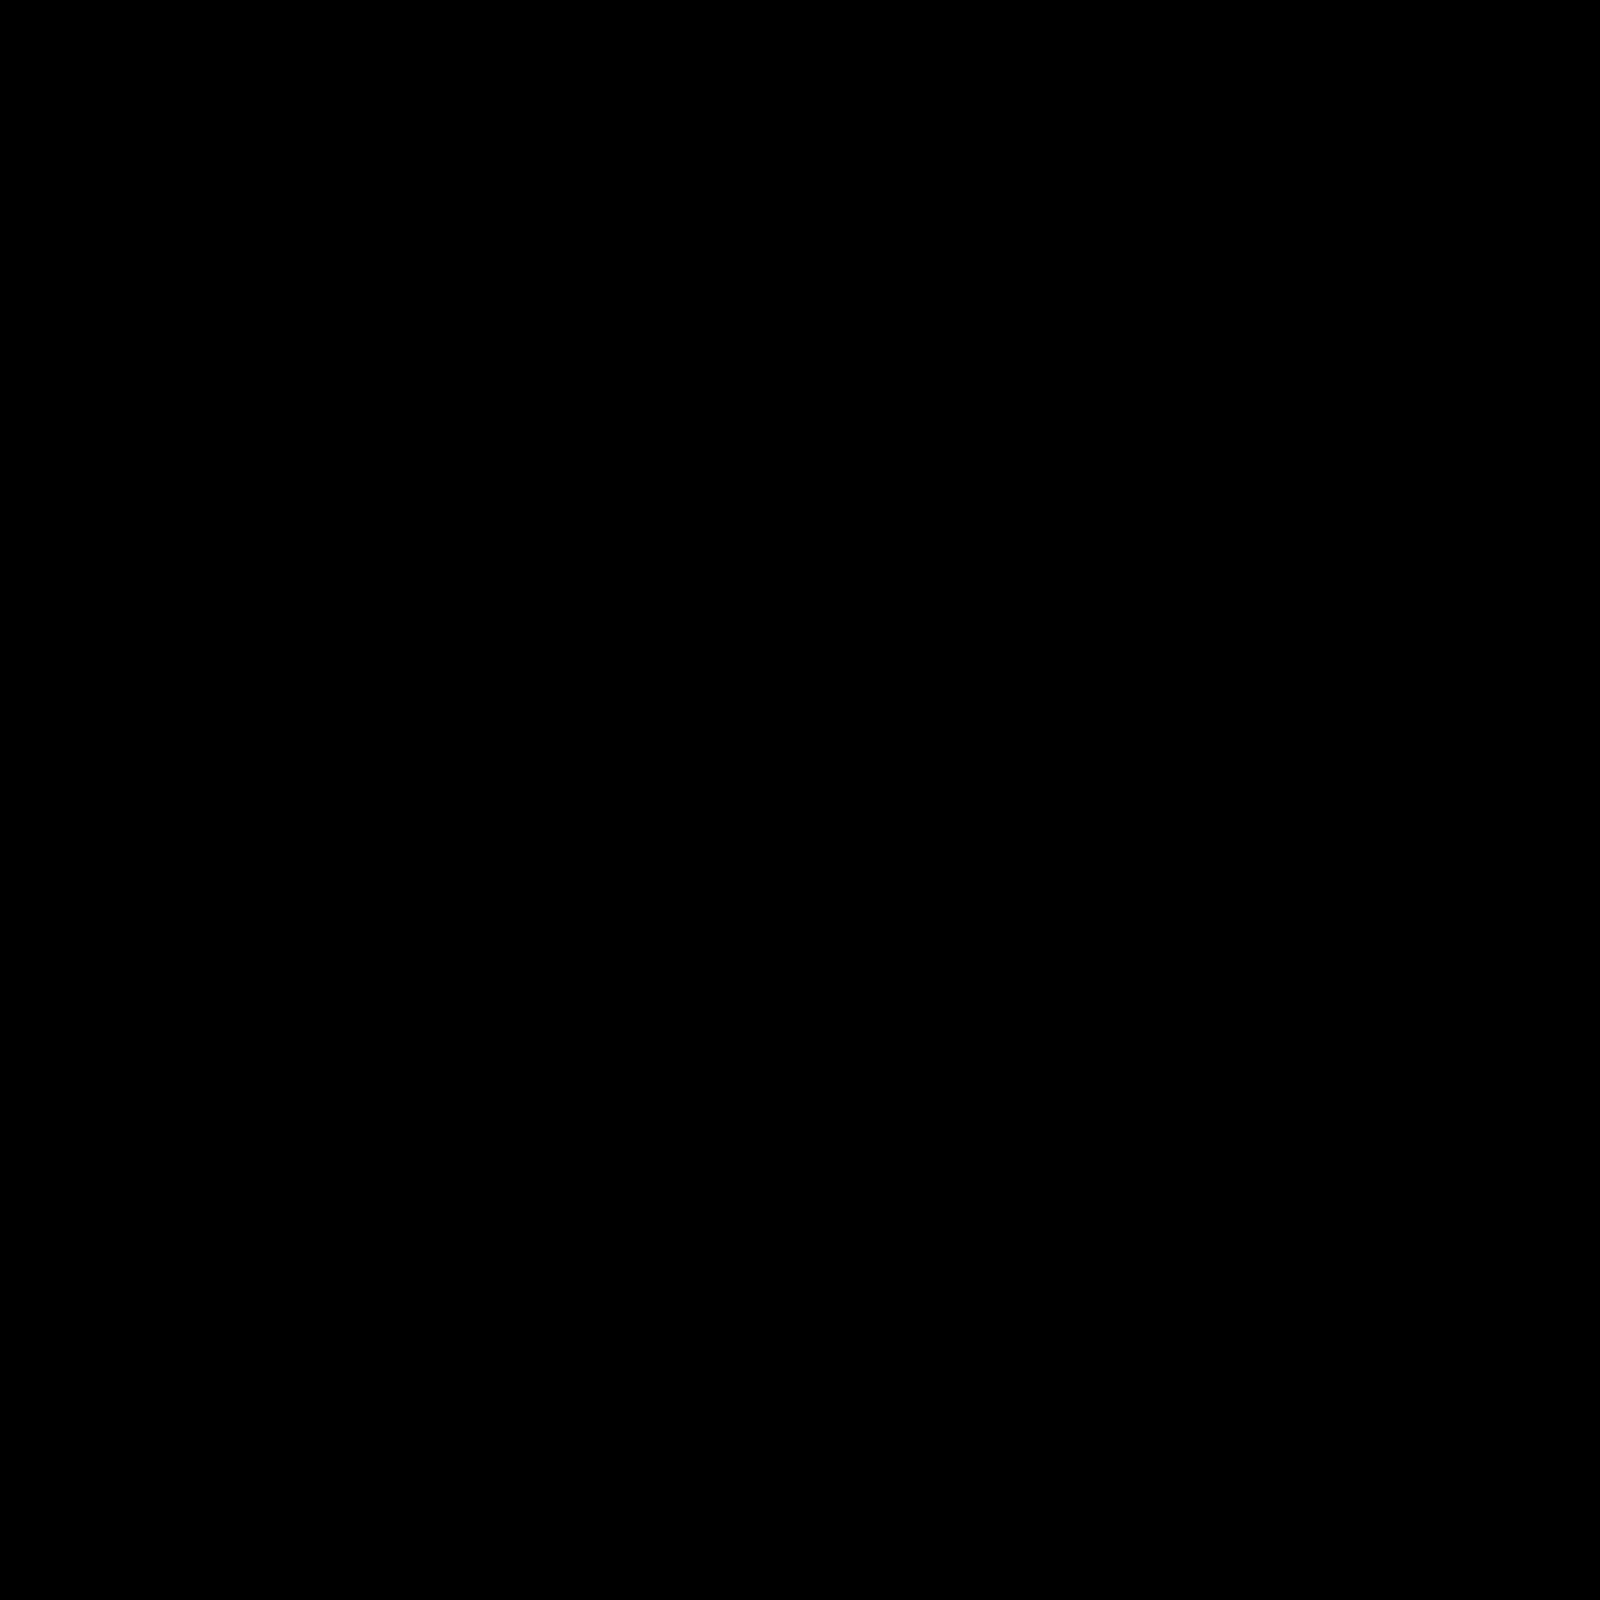 Geschirr icon